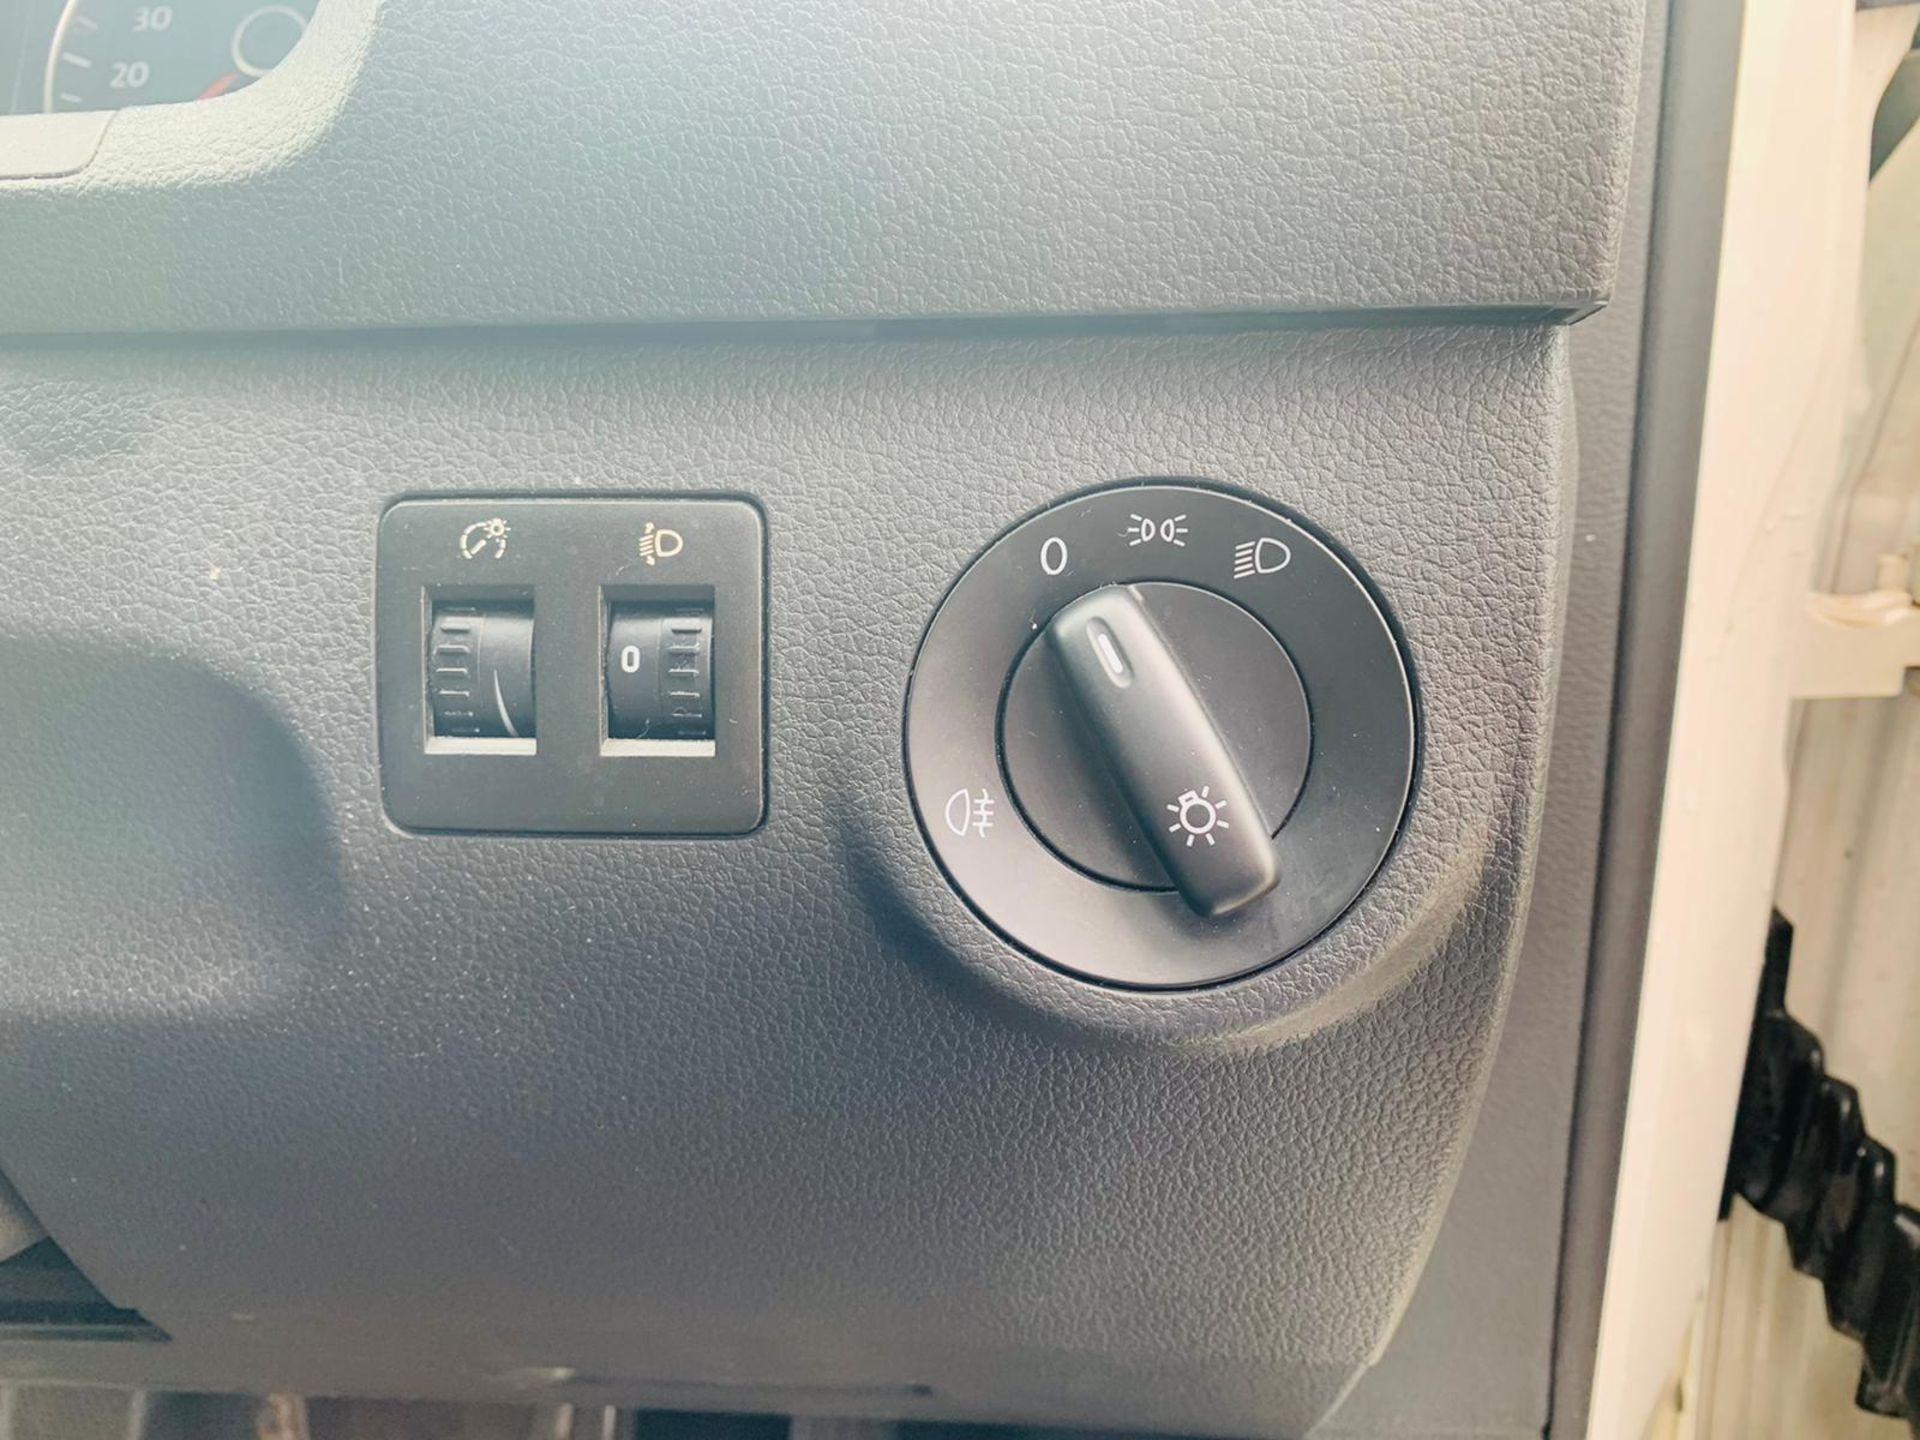 (RESERVE MET)Volkswagen (VW) Caddy 2.0 TDI C20 Startline - 2017 17 Reg - Euro 6 - ULEZ Compliant - - Image 18 of 20